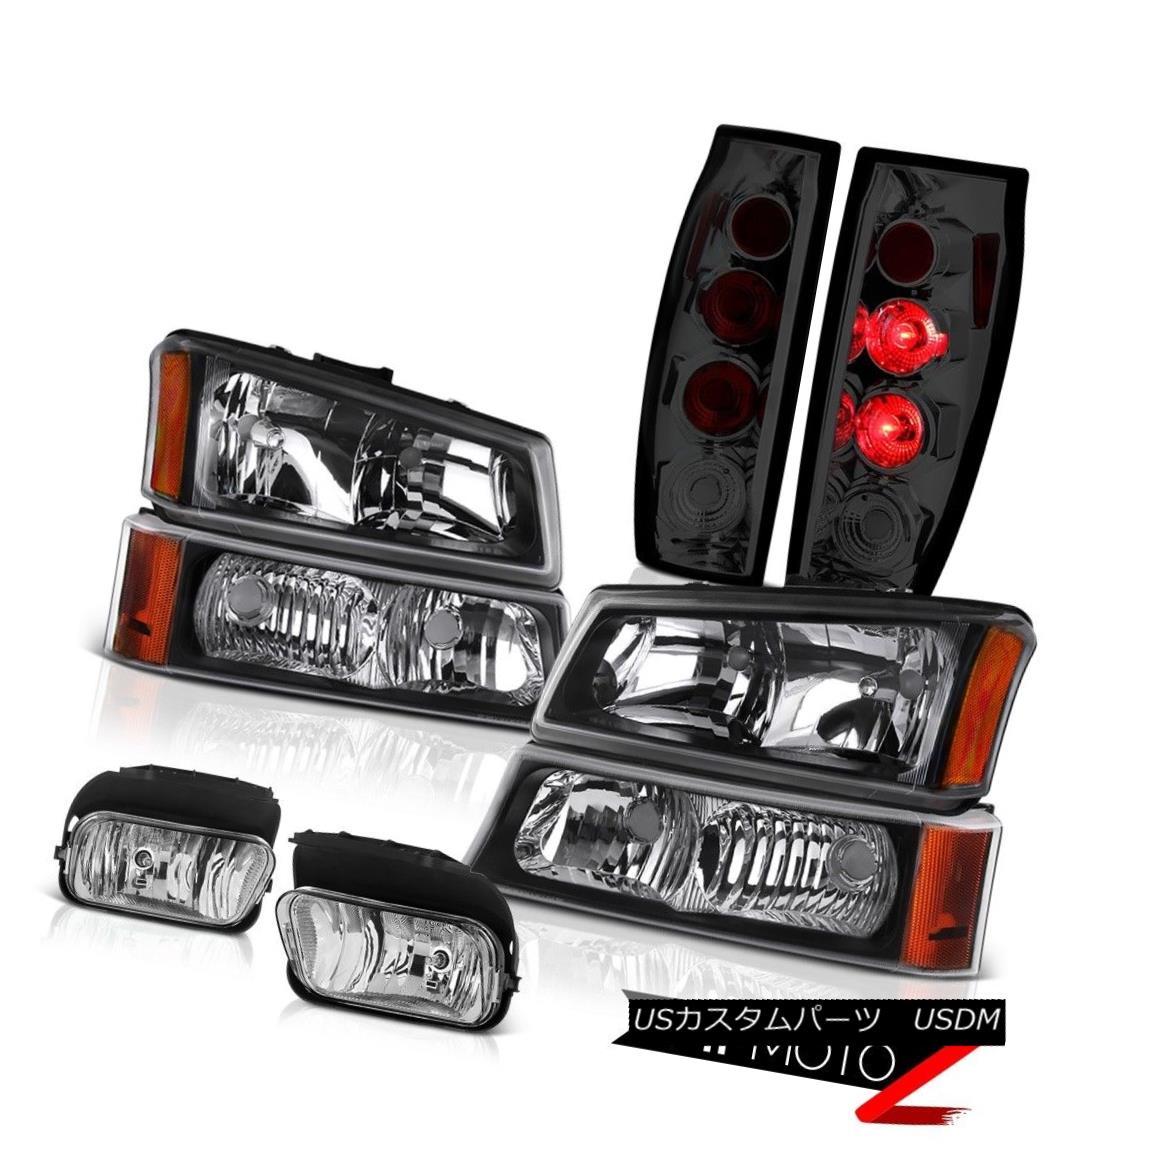 ヘッドライト 03-06 Avalanche Sterling Chrome Fog Lights Graphite Smoke Tail Brake Headlights 03-06アバランシェ・スターリング・クロッグ・フォグ・ライトグラファイト・スモークテール・ブレーキ・ヘッドライト